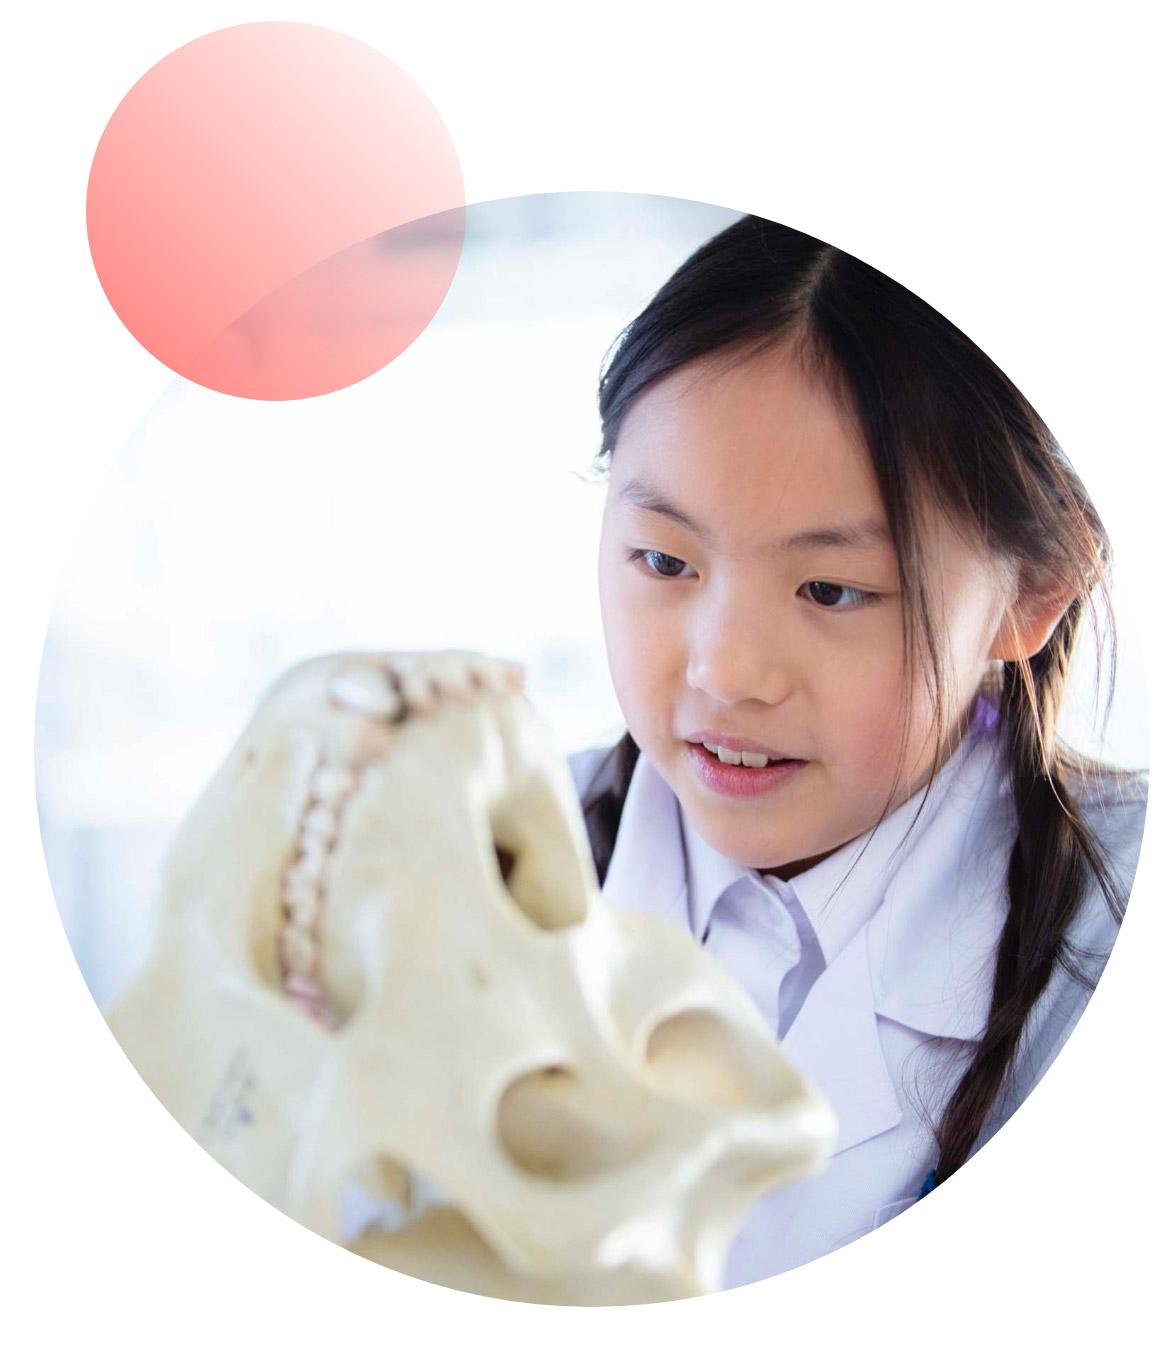 Student examining skull